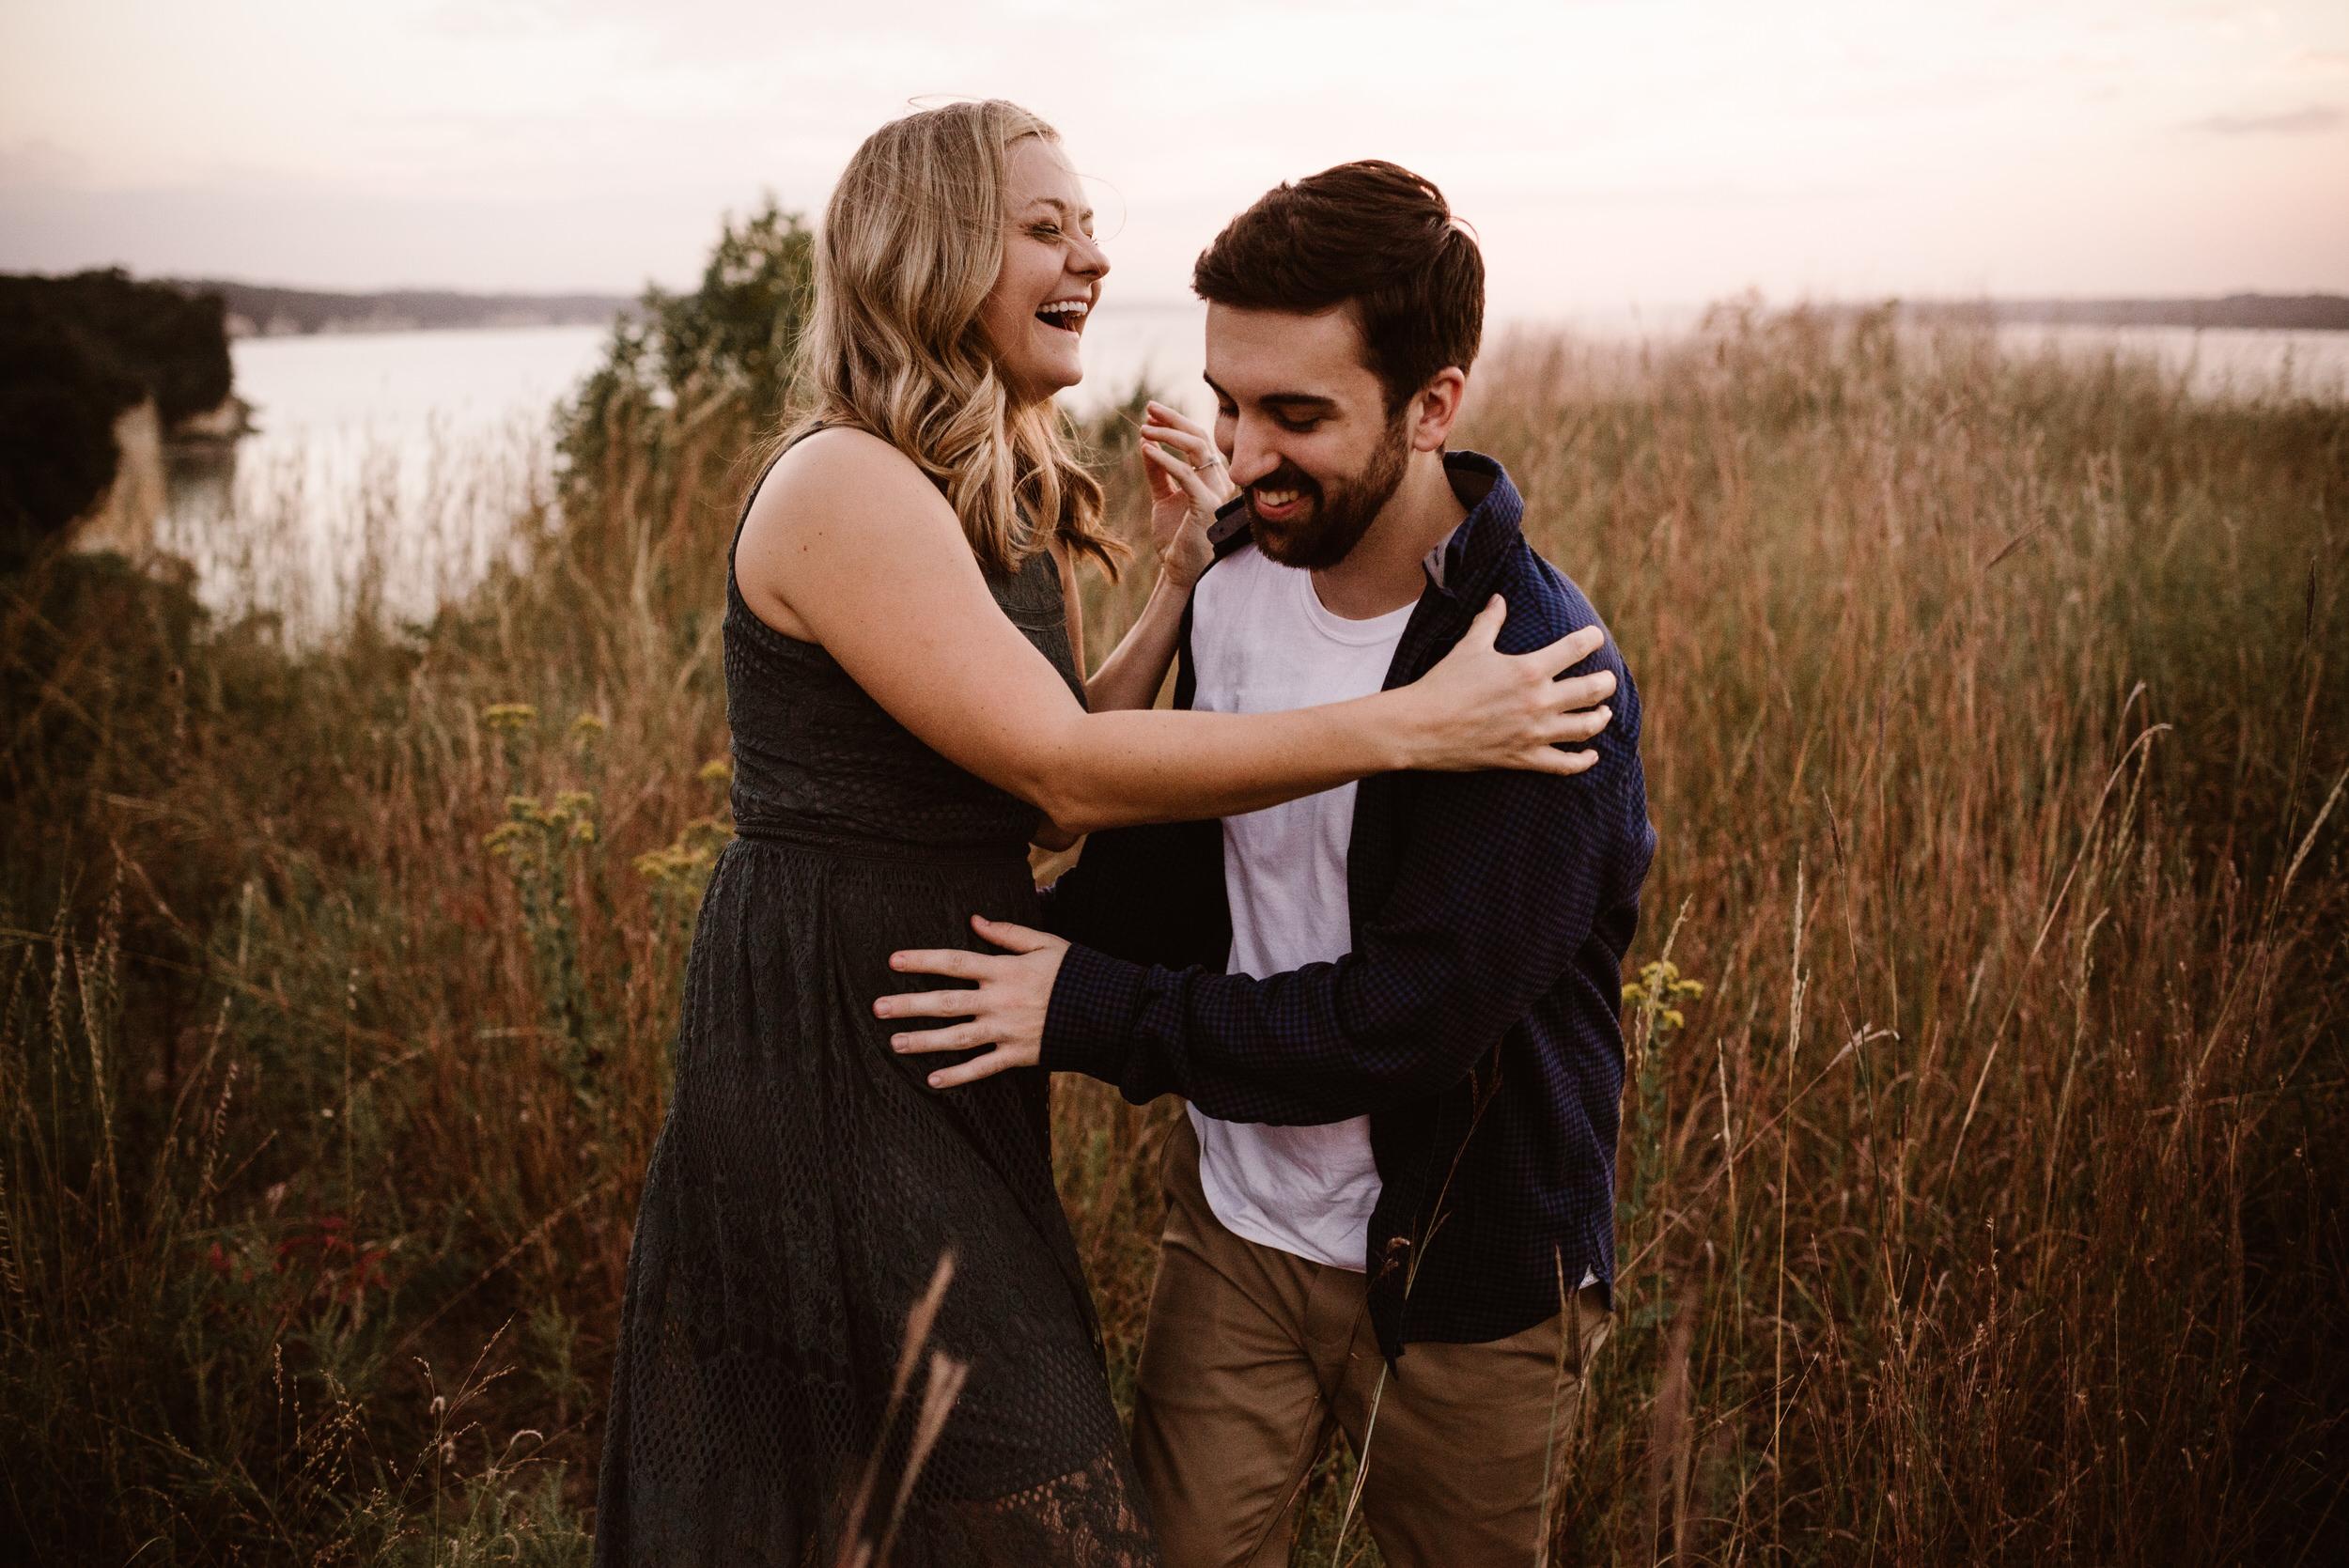 Yankton South Dakota Engagement Session Kaylie Sirek Photography 30.jpg